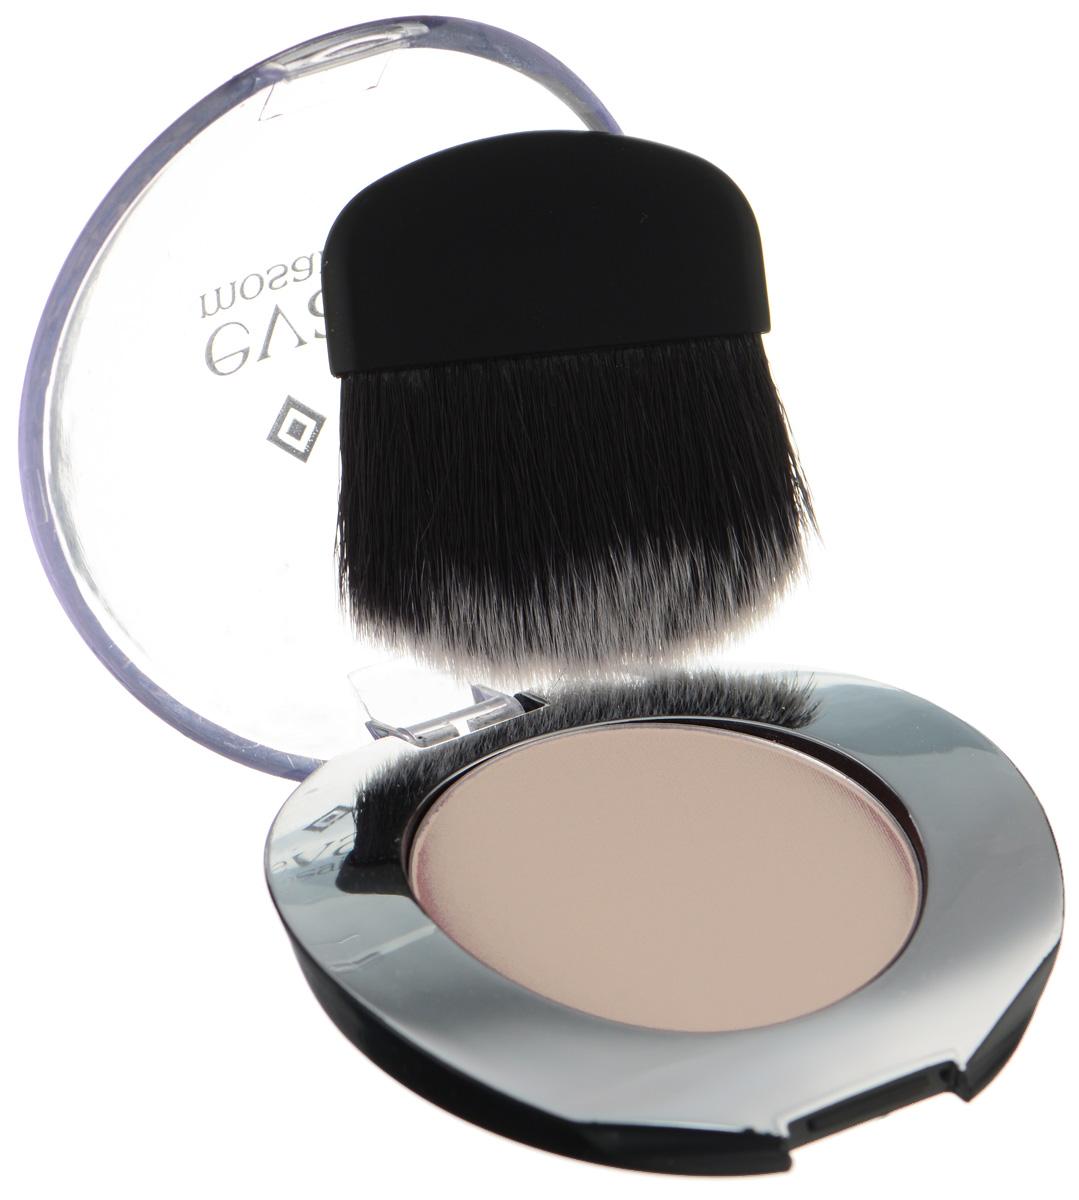 Eva Mosaic Хайлайтер для лица, 3,5 г, 10 ШампаньMFM-3101придает золотистое мерцание, идеален для загорелой или смуглой кожи.